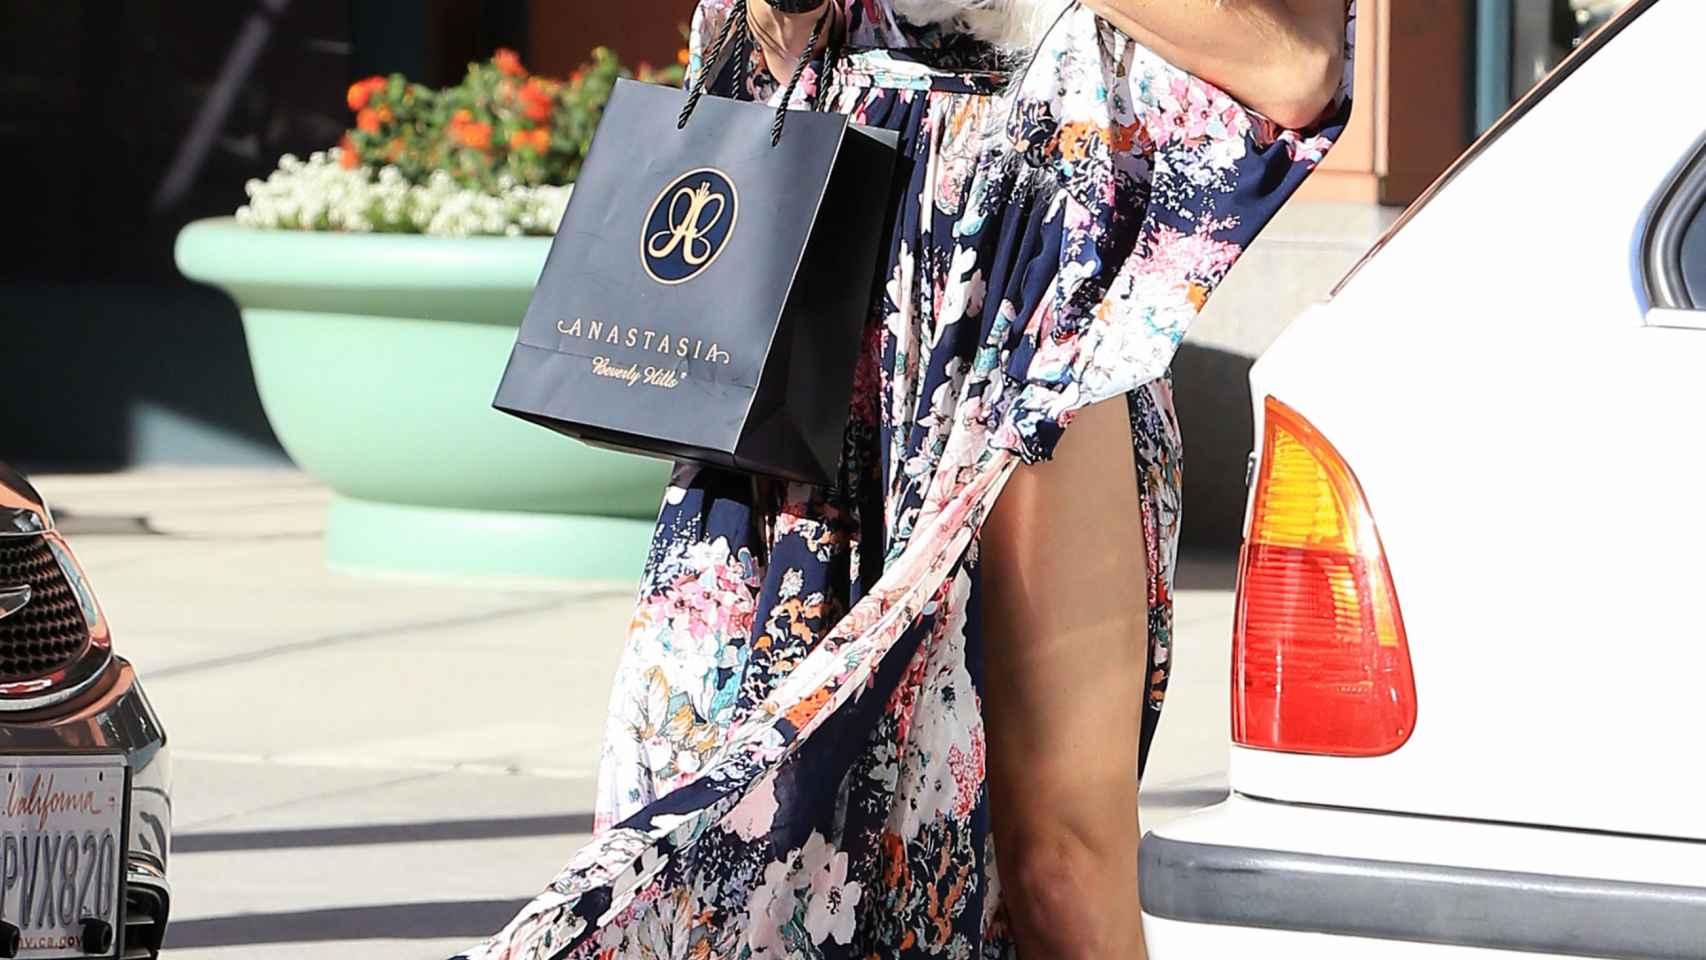 Paris Hilton de compras y hablando con su móvil